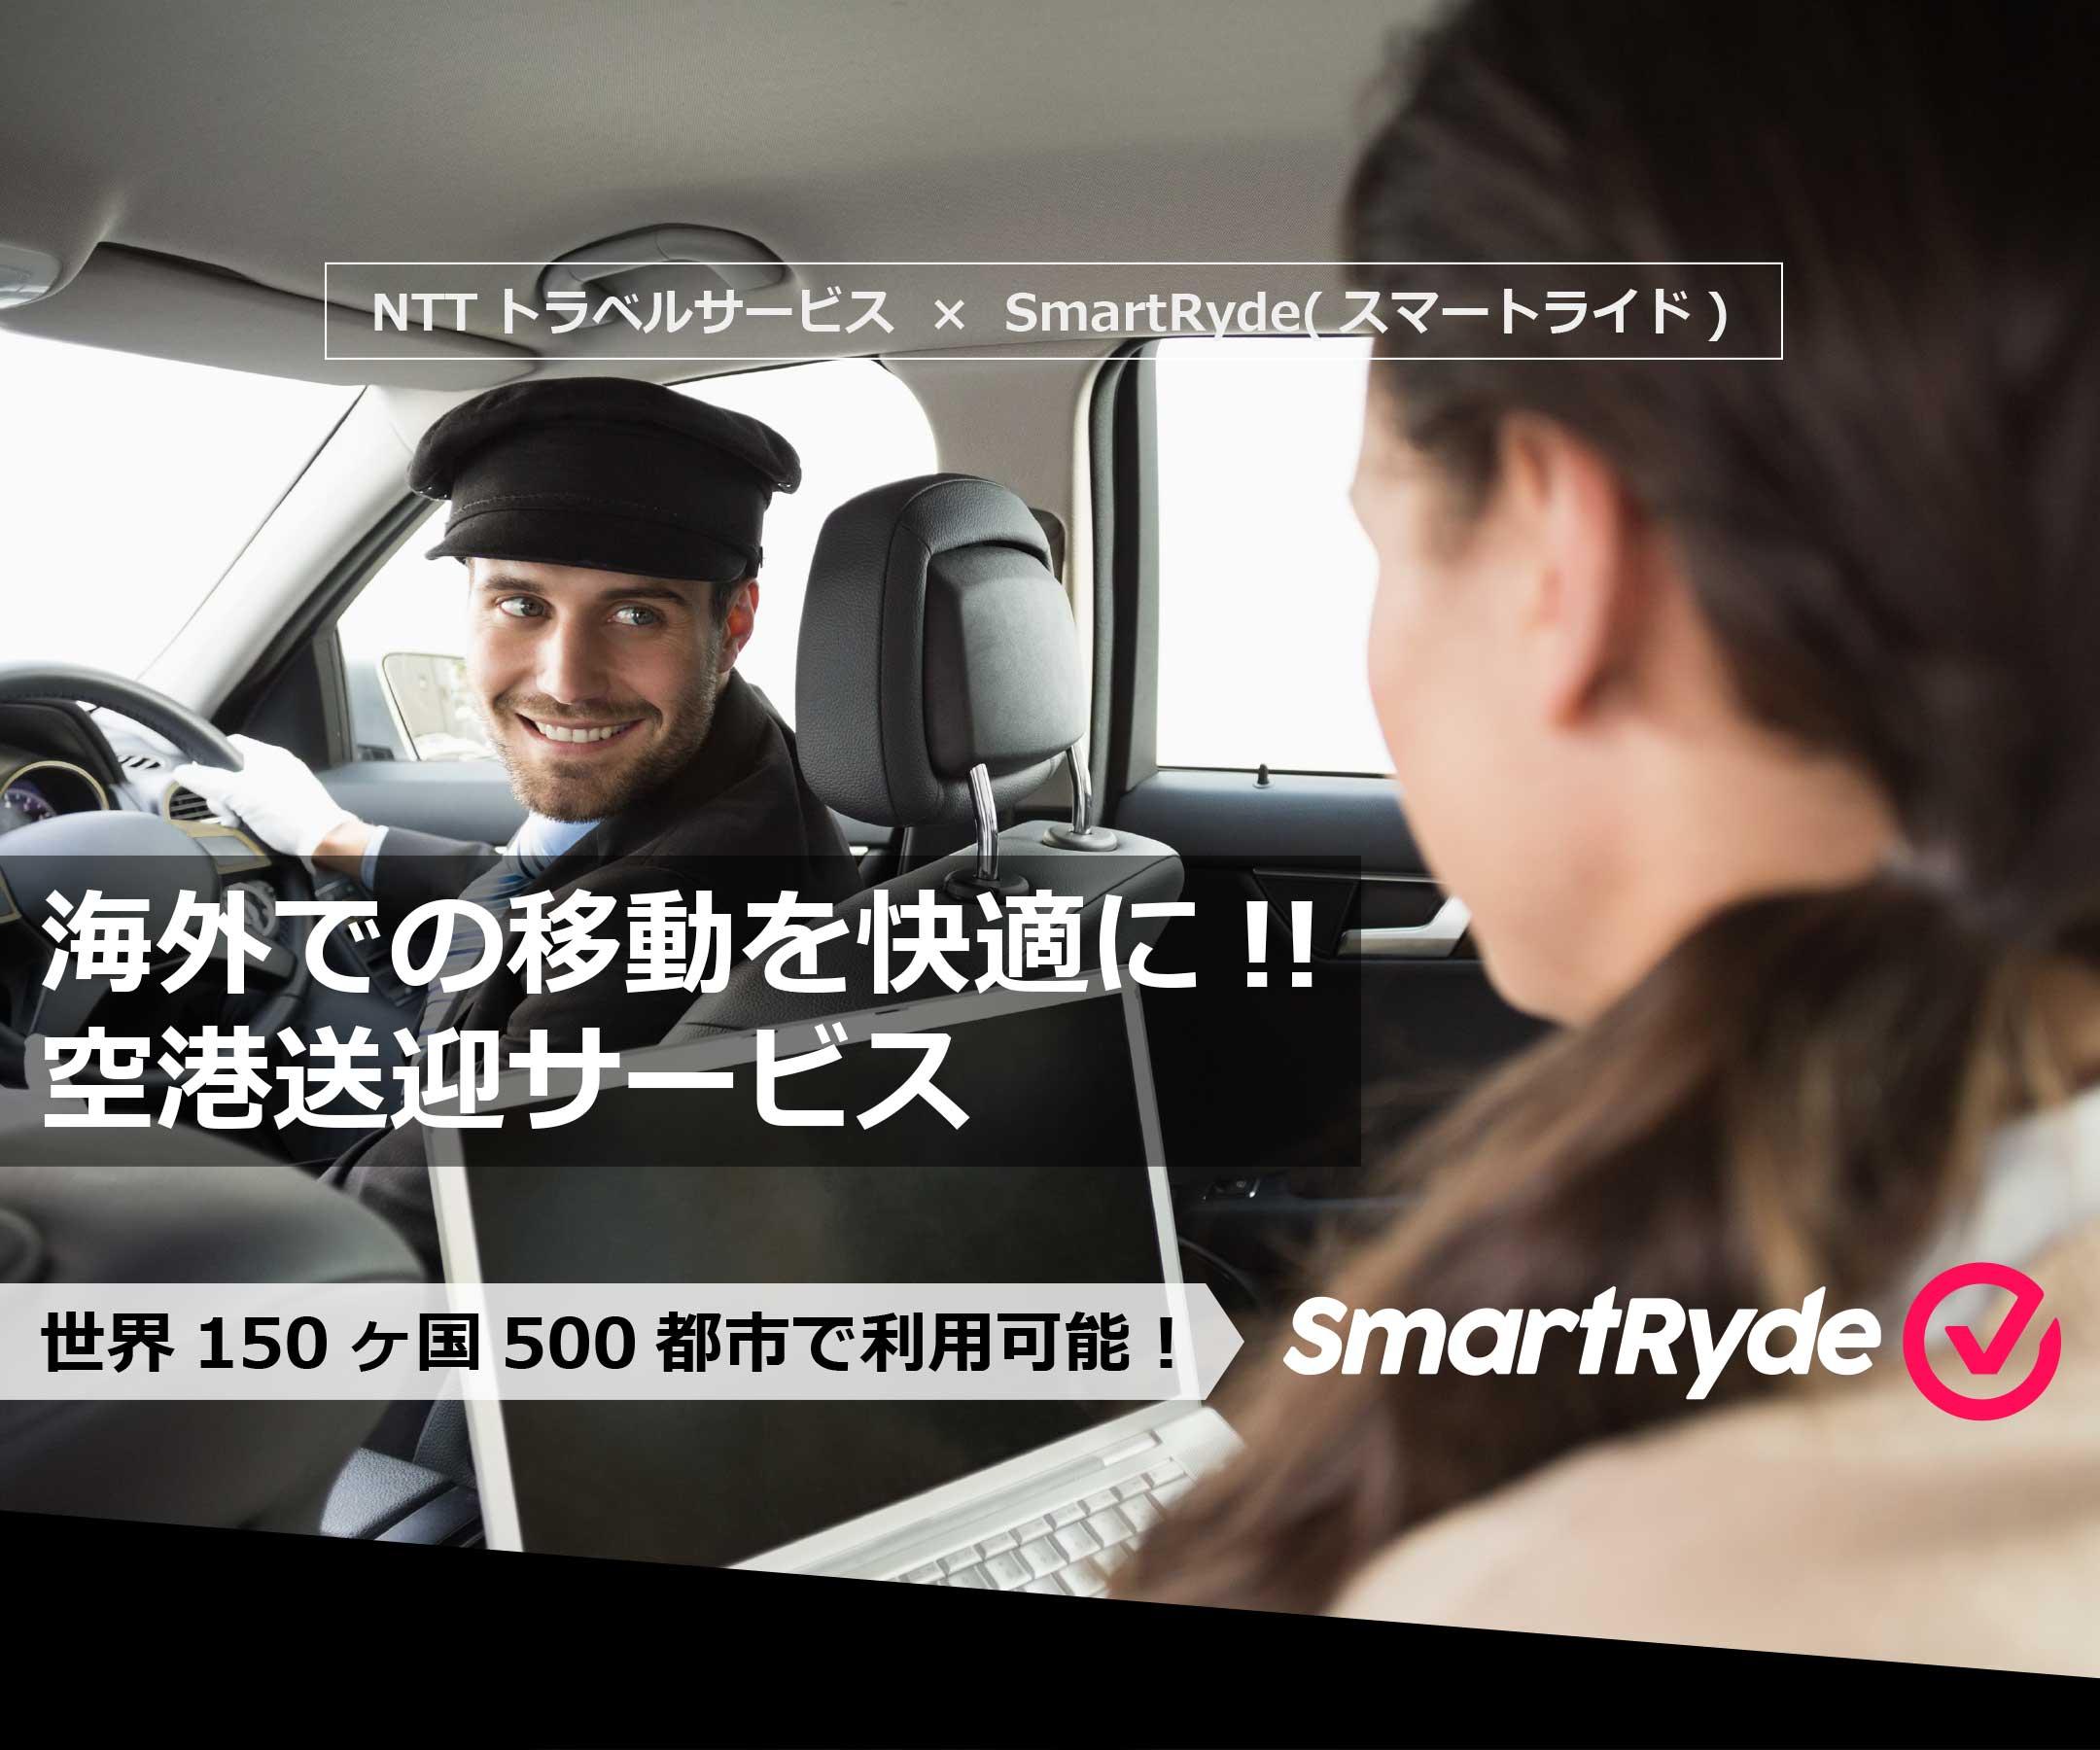 NTTトラベルサービス×SmartRyde(スマートライド)海外での移動を快適に!!空港送迎サービス世界150ヶ国500都市で利用可能!